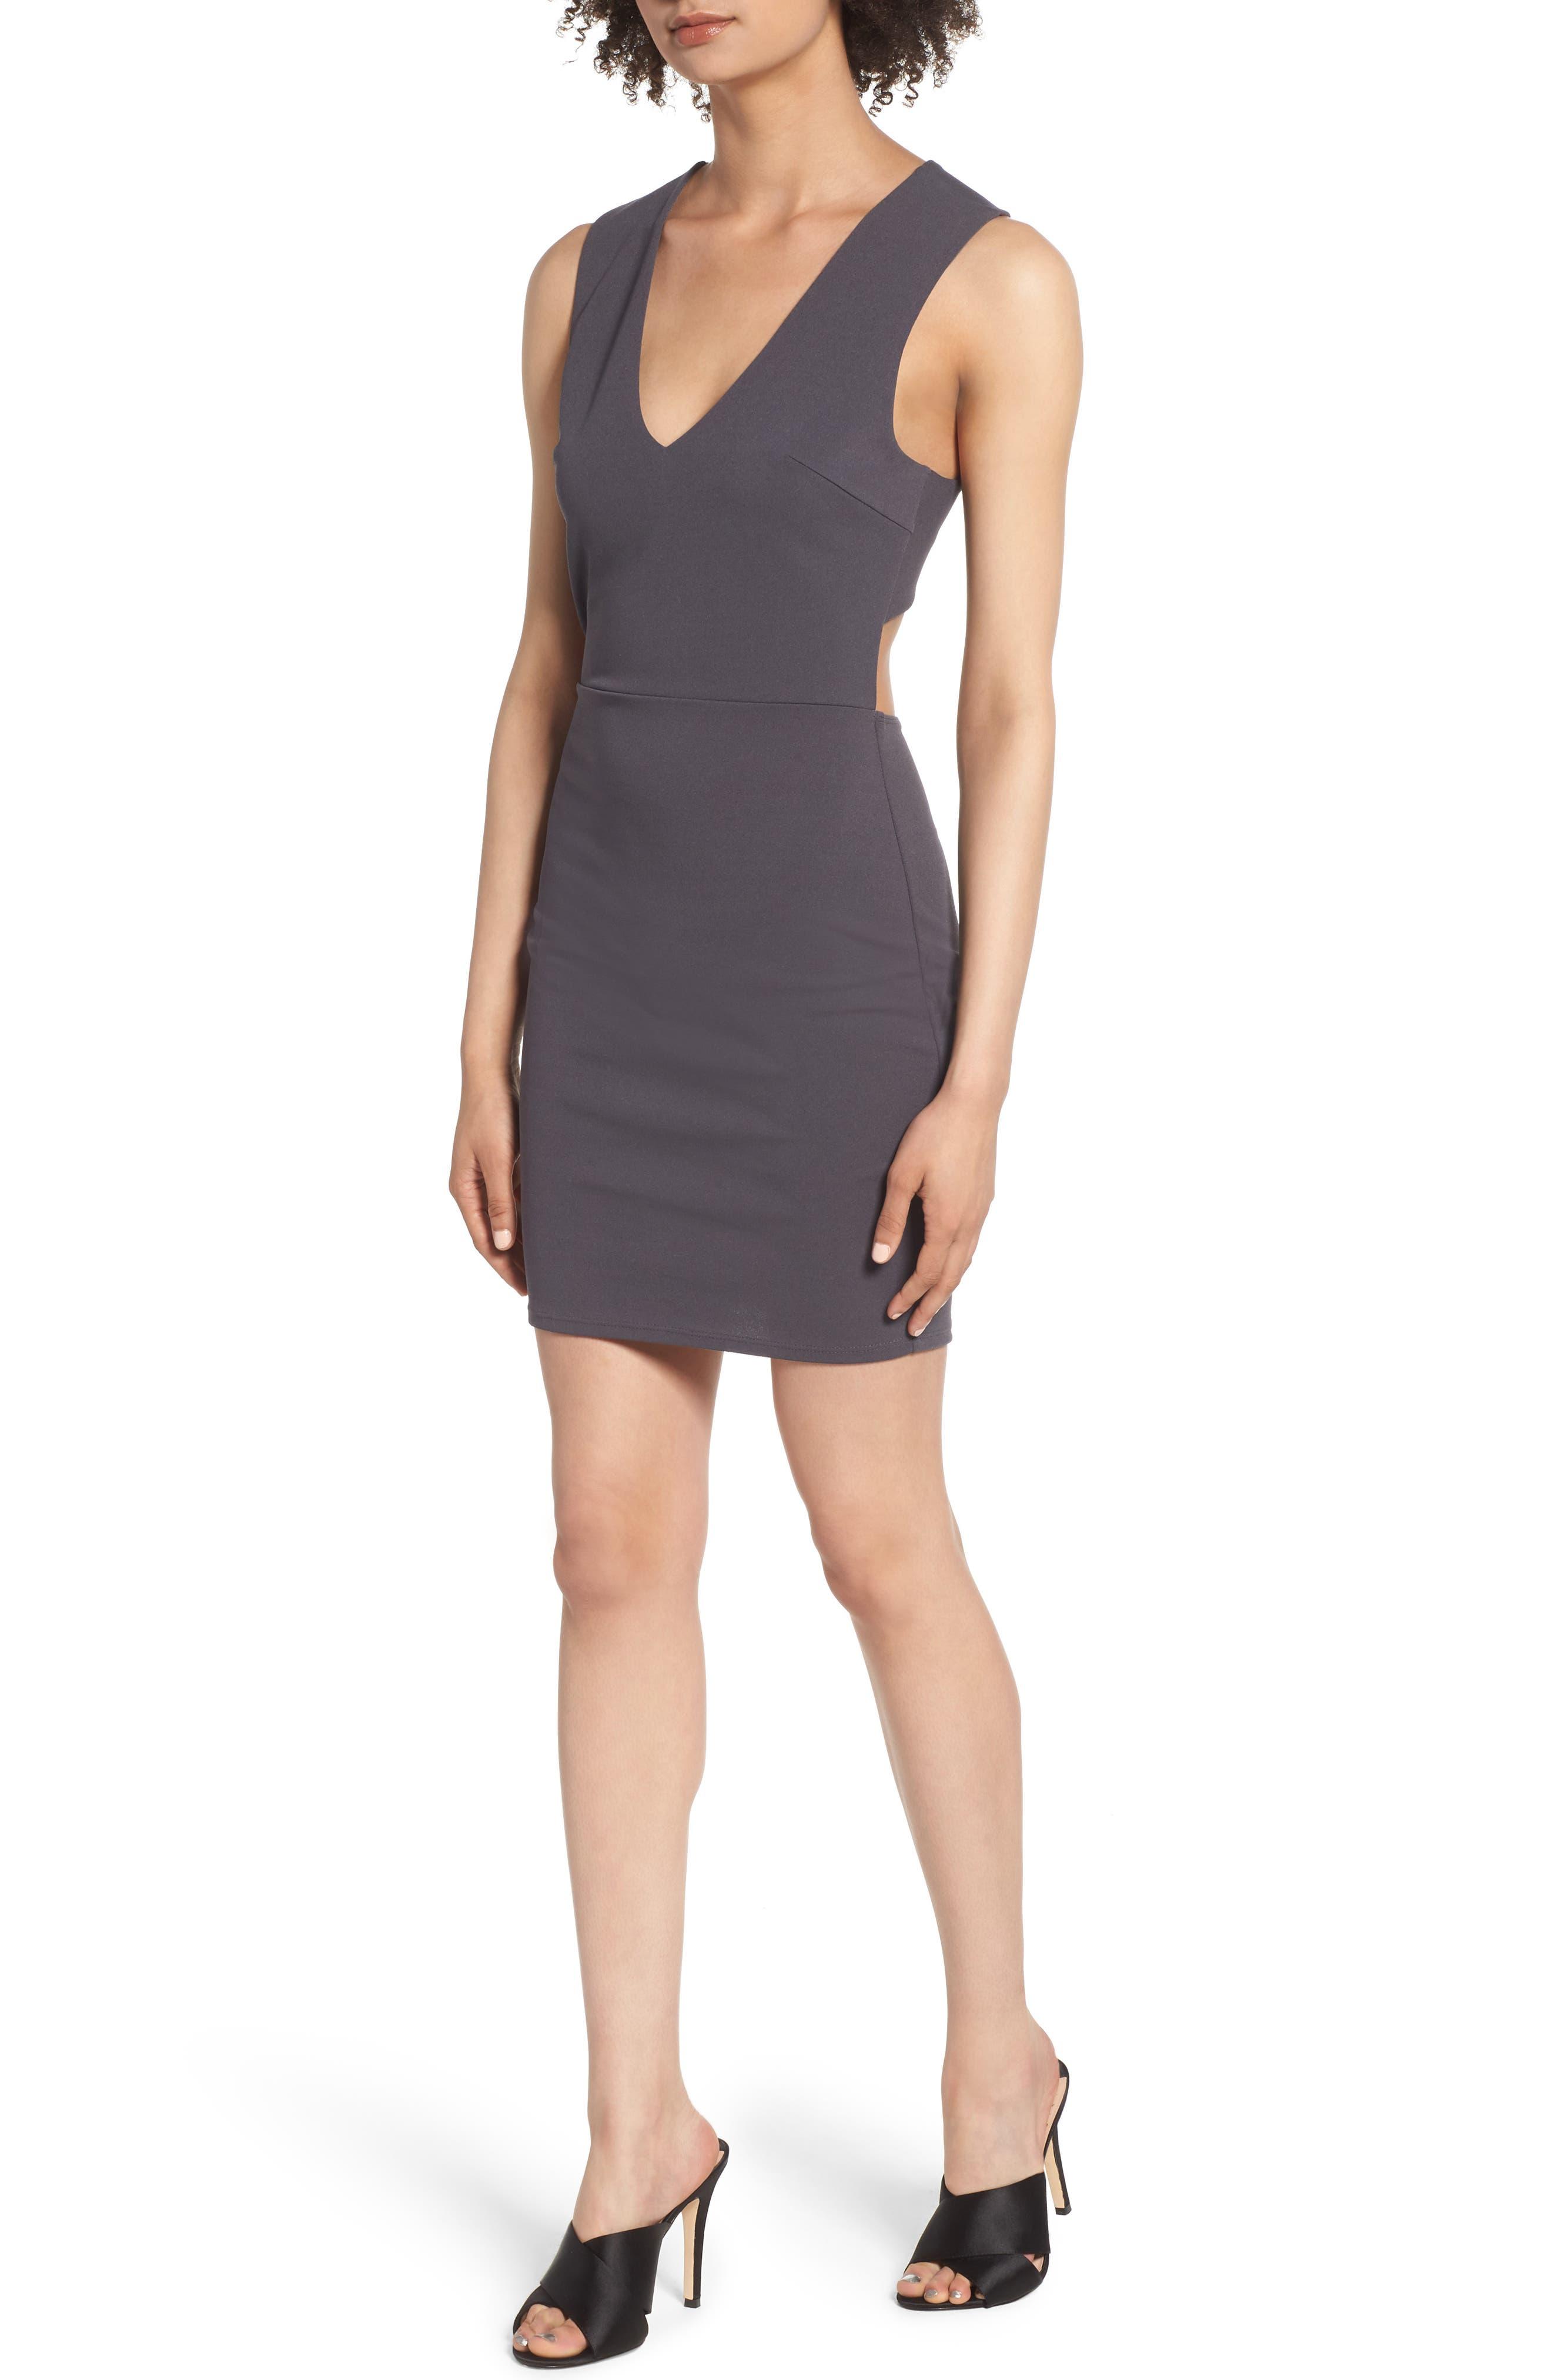 SOPRANO Crossback Body-Con Dress, Main, color, 020